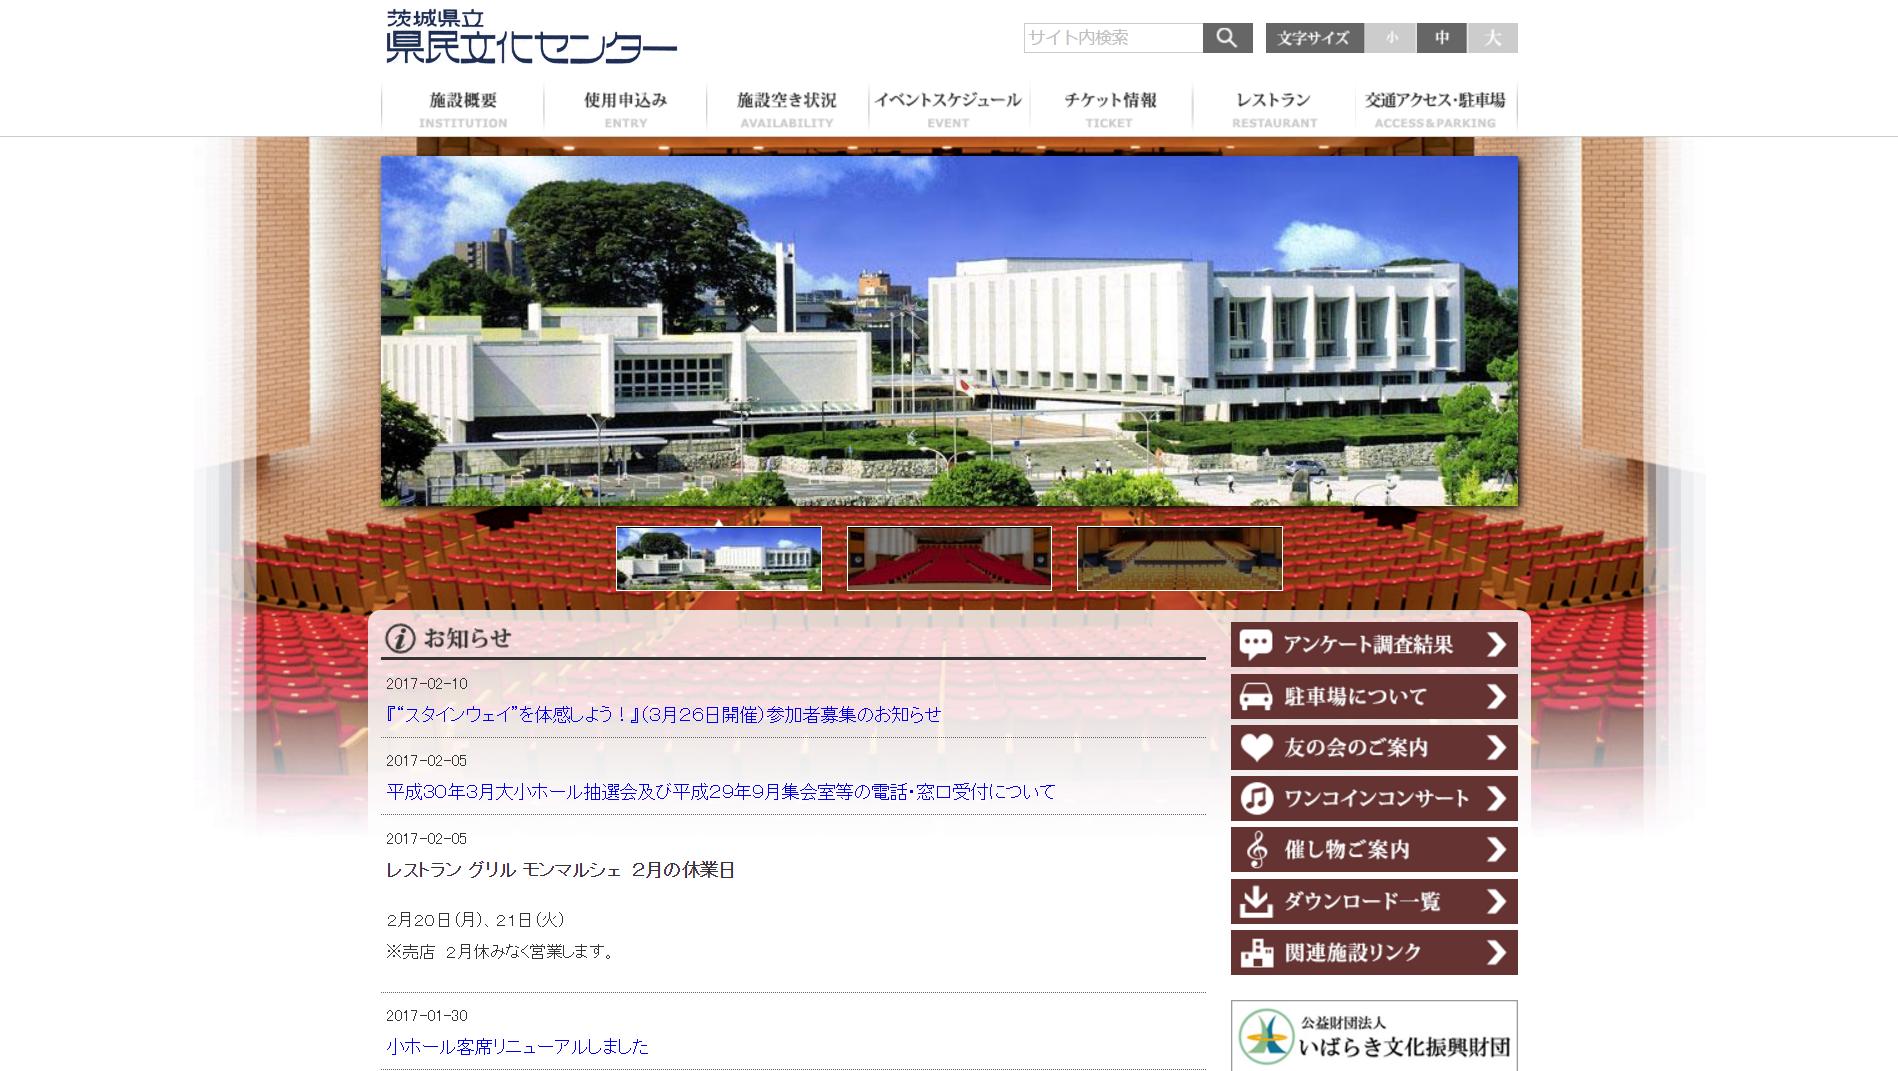 茨城県立県民文化センターの座席表と会場情報